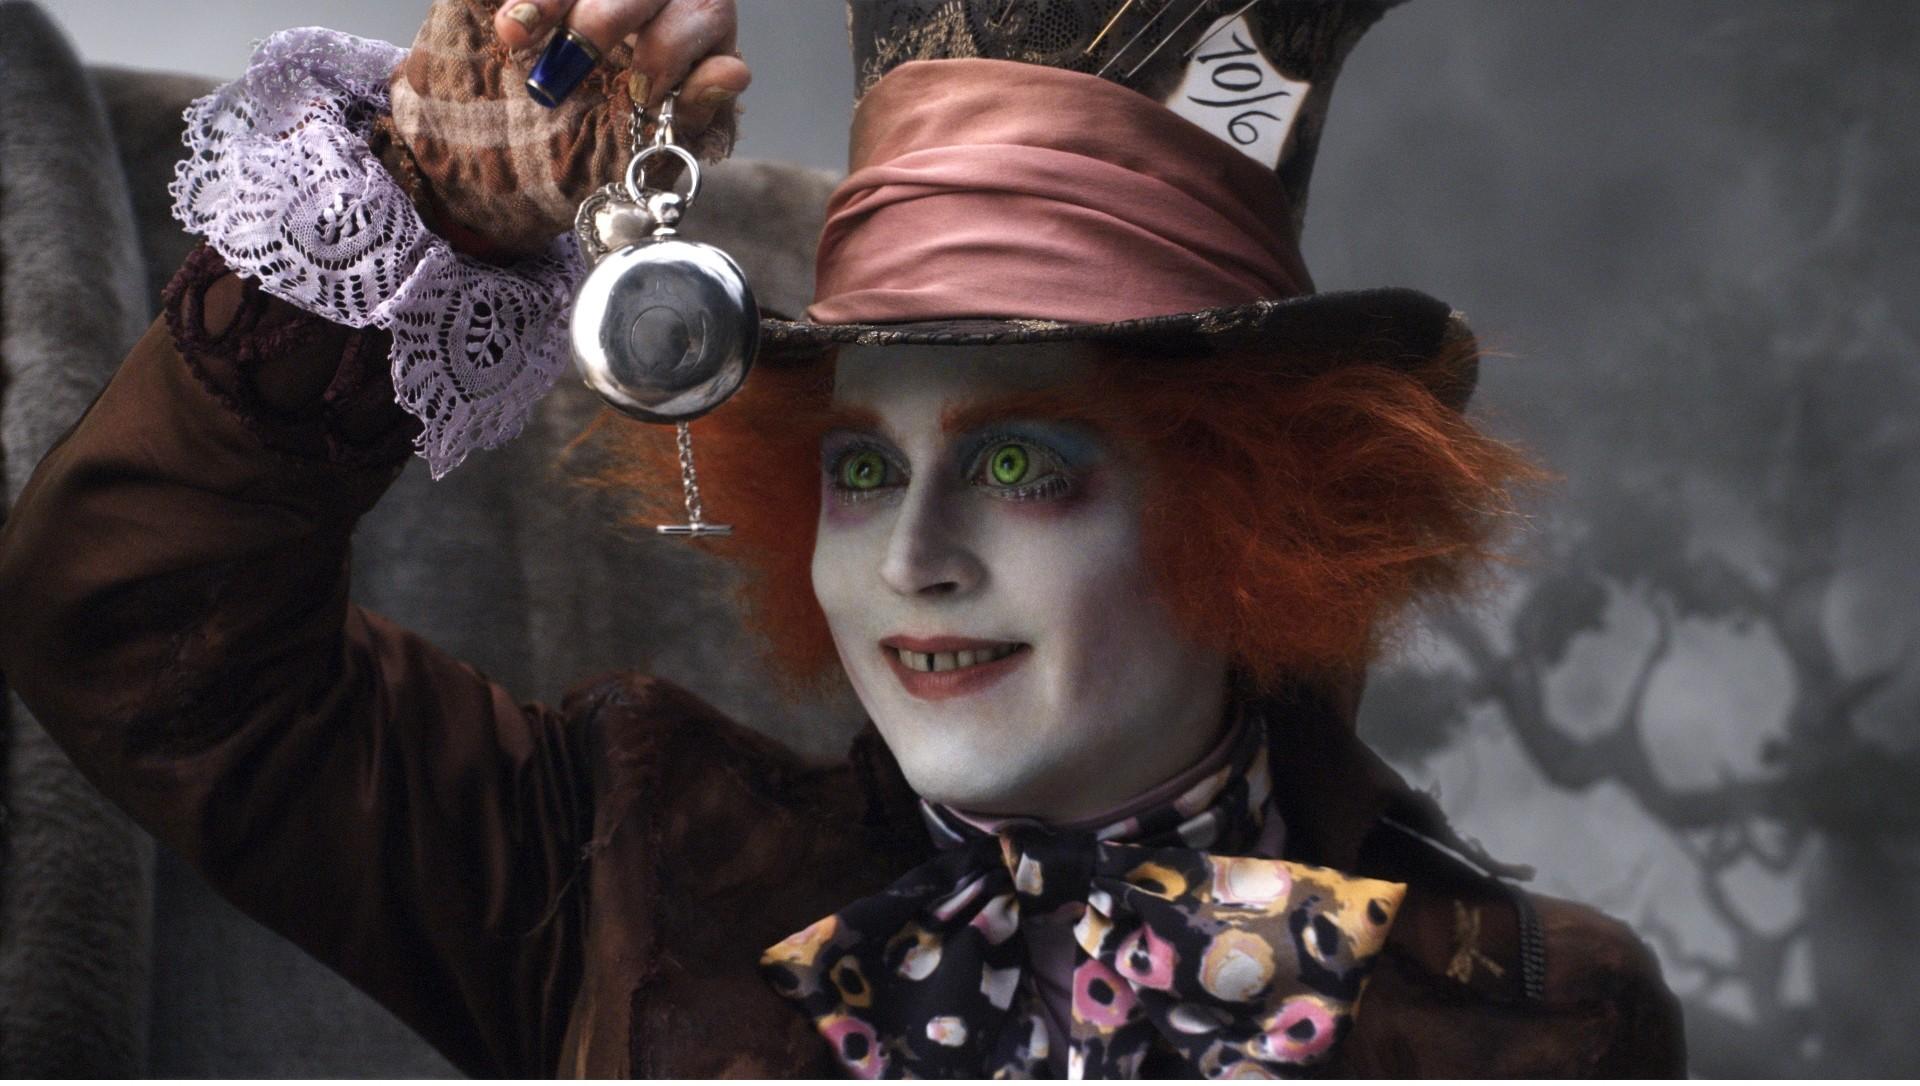 Johnny Depp ja´interpretou muito personagens excêntricos, mas nada de palhaços. (Foto: Divulgação)